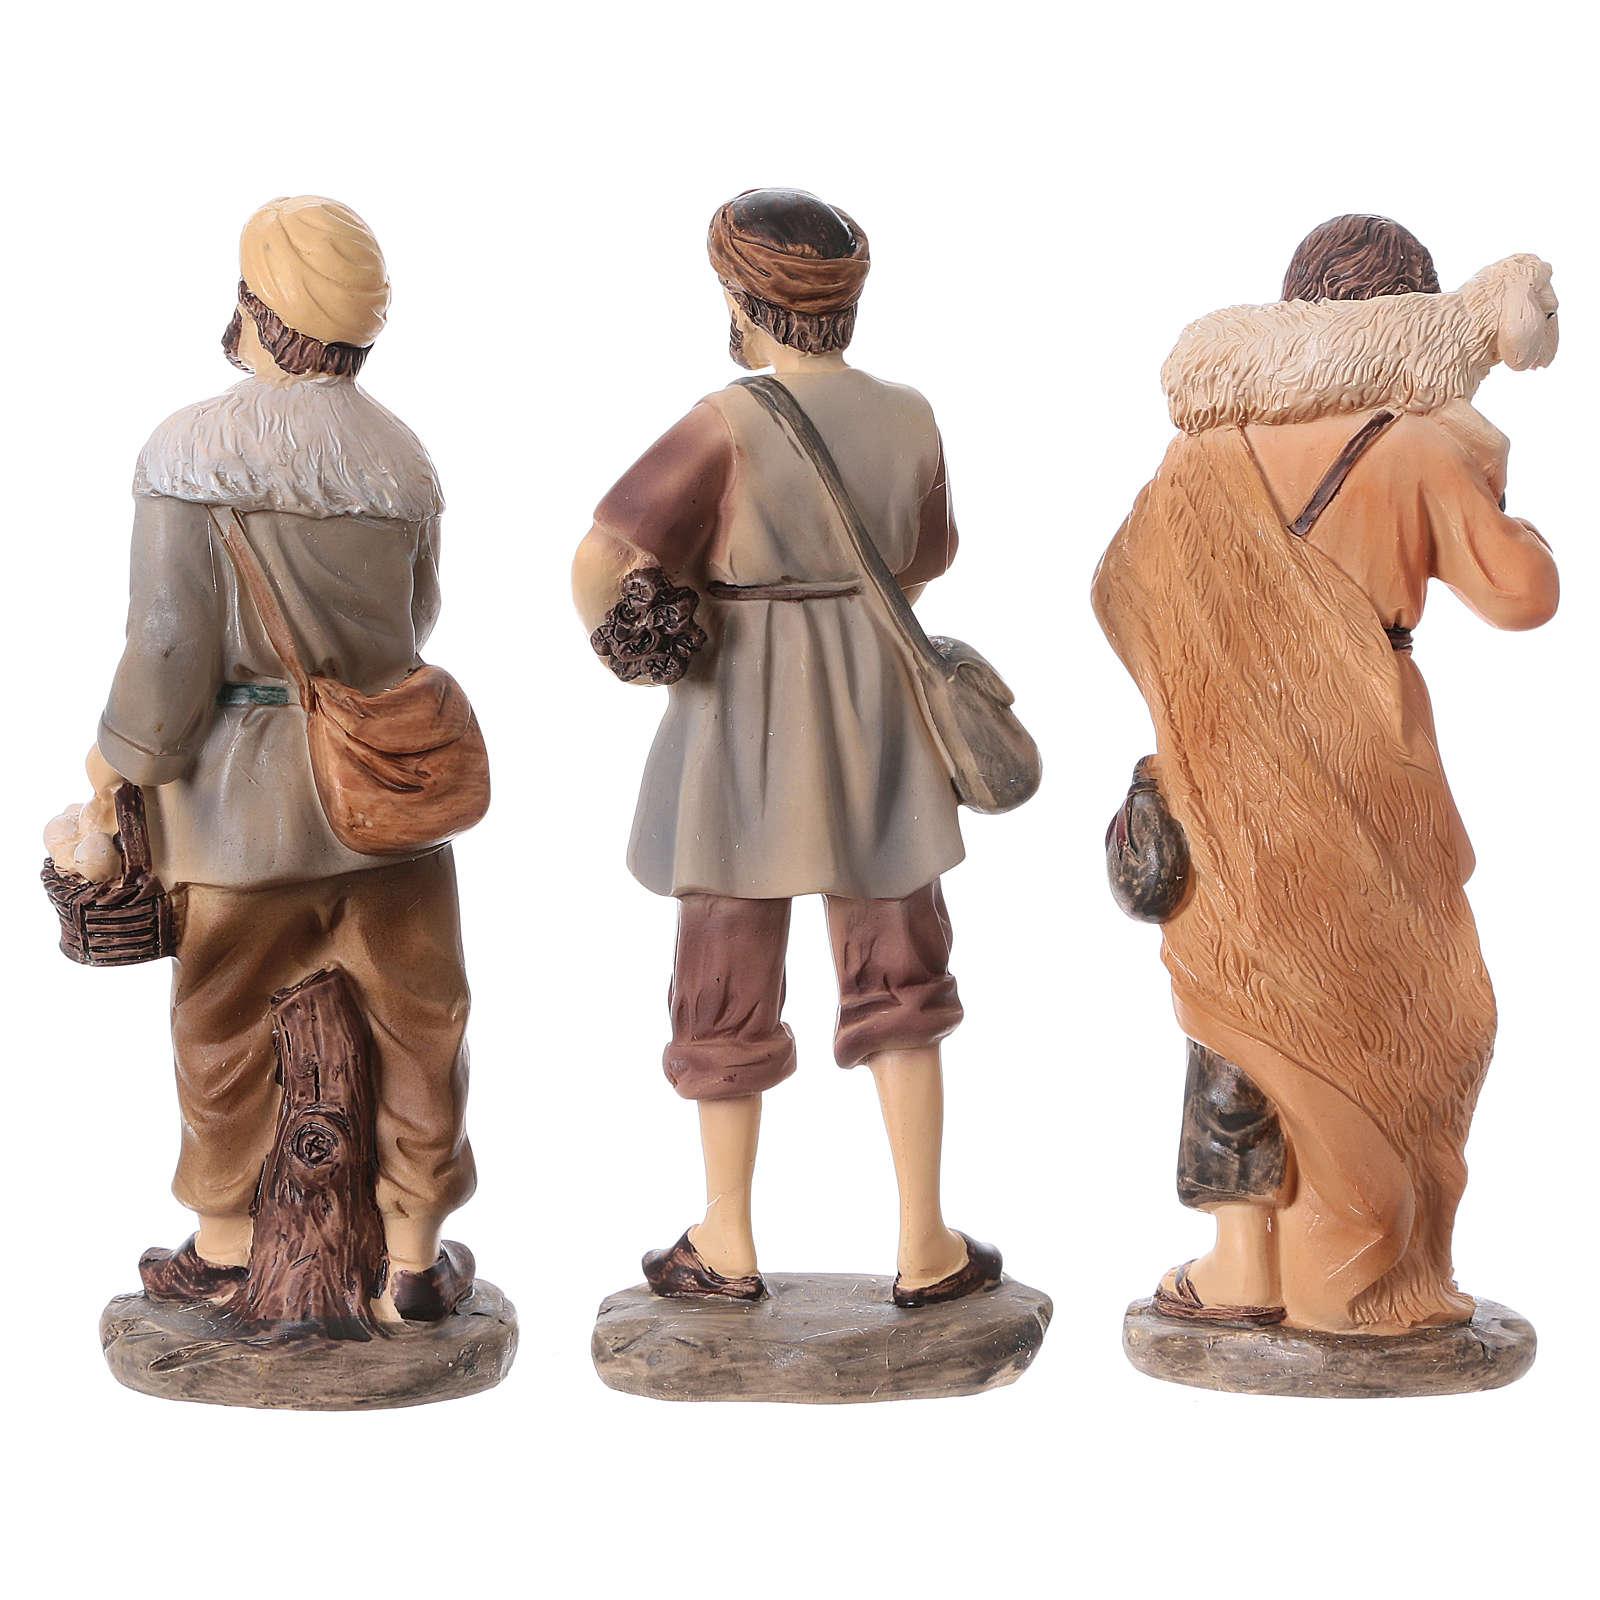 Krippenfiguren 3 Hirten aus Kunstharz, Linie Bambini, Set zu 3 Figuren, für 15 cm Krippe 3